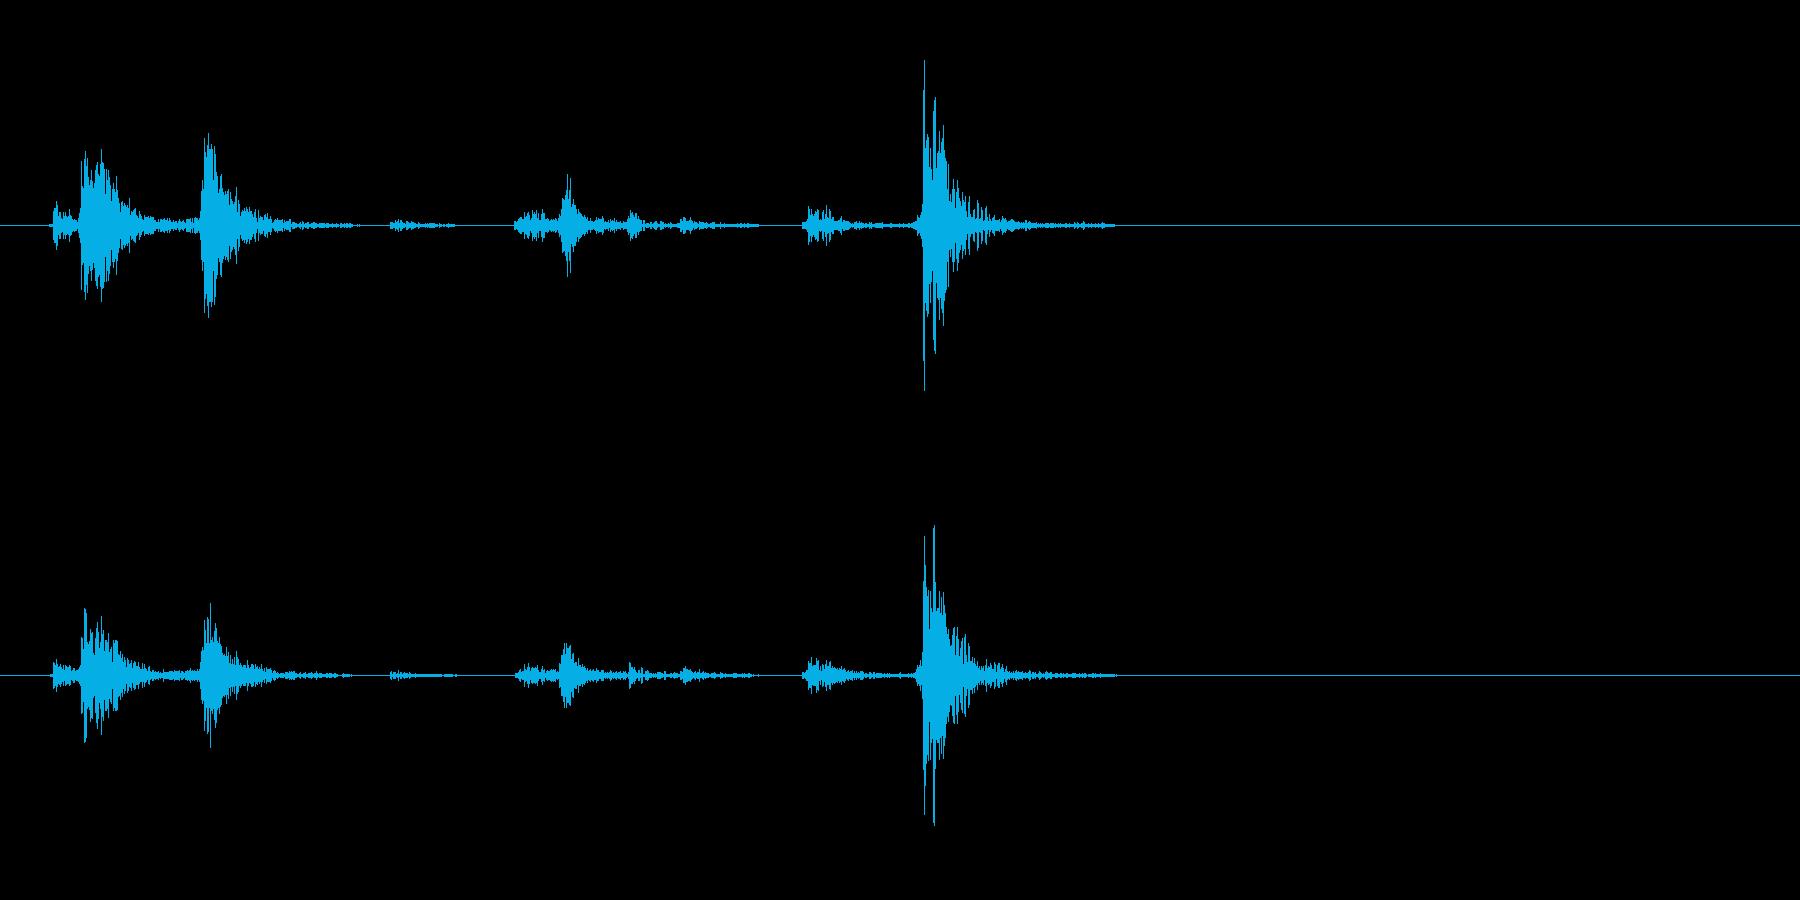 カセットデッキ 再生ボタン 押下音の再生済みの波形